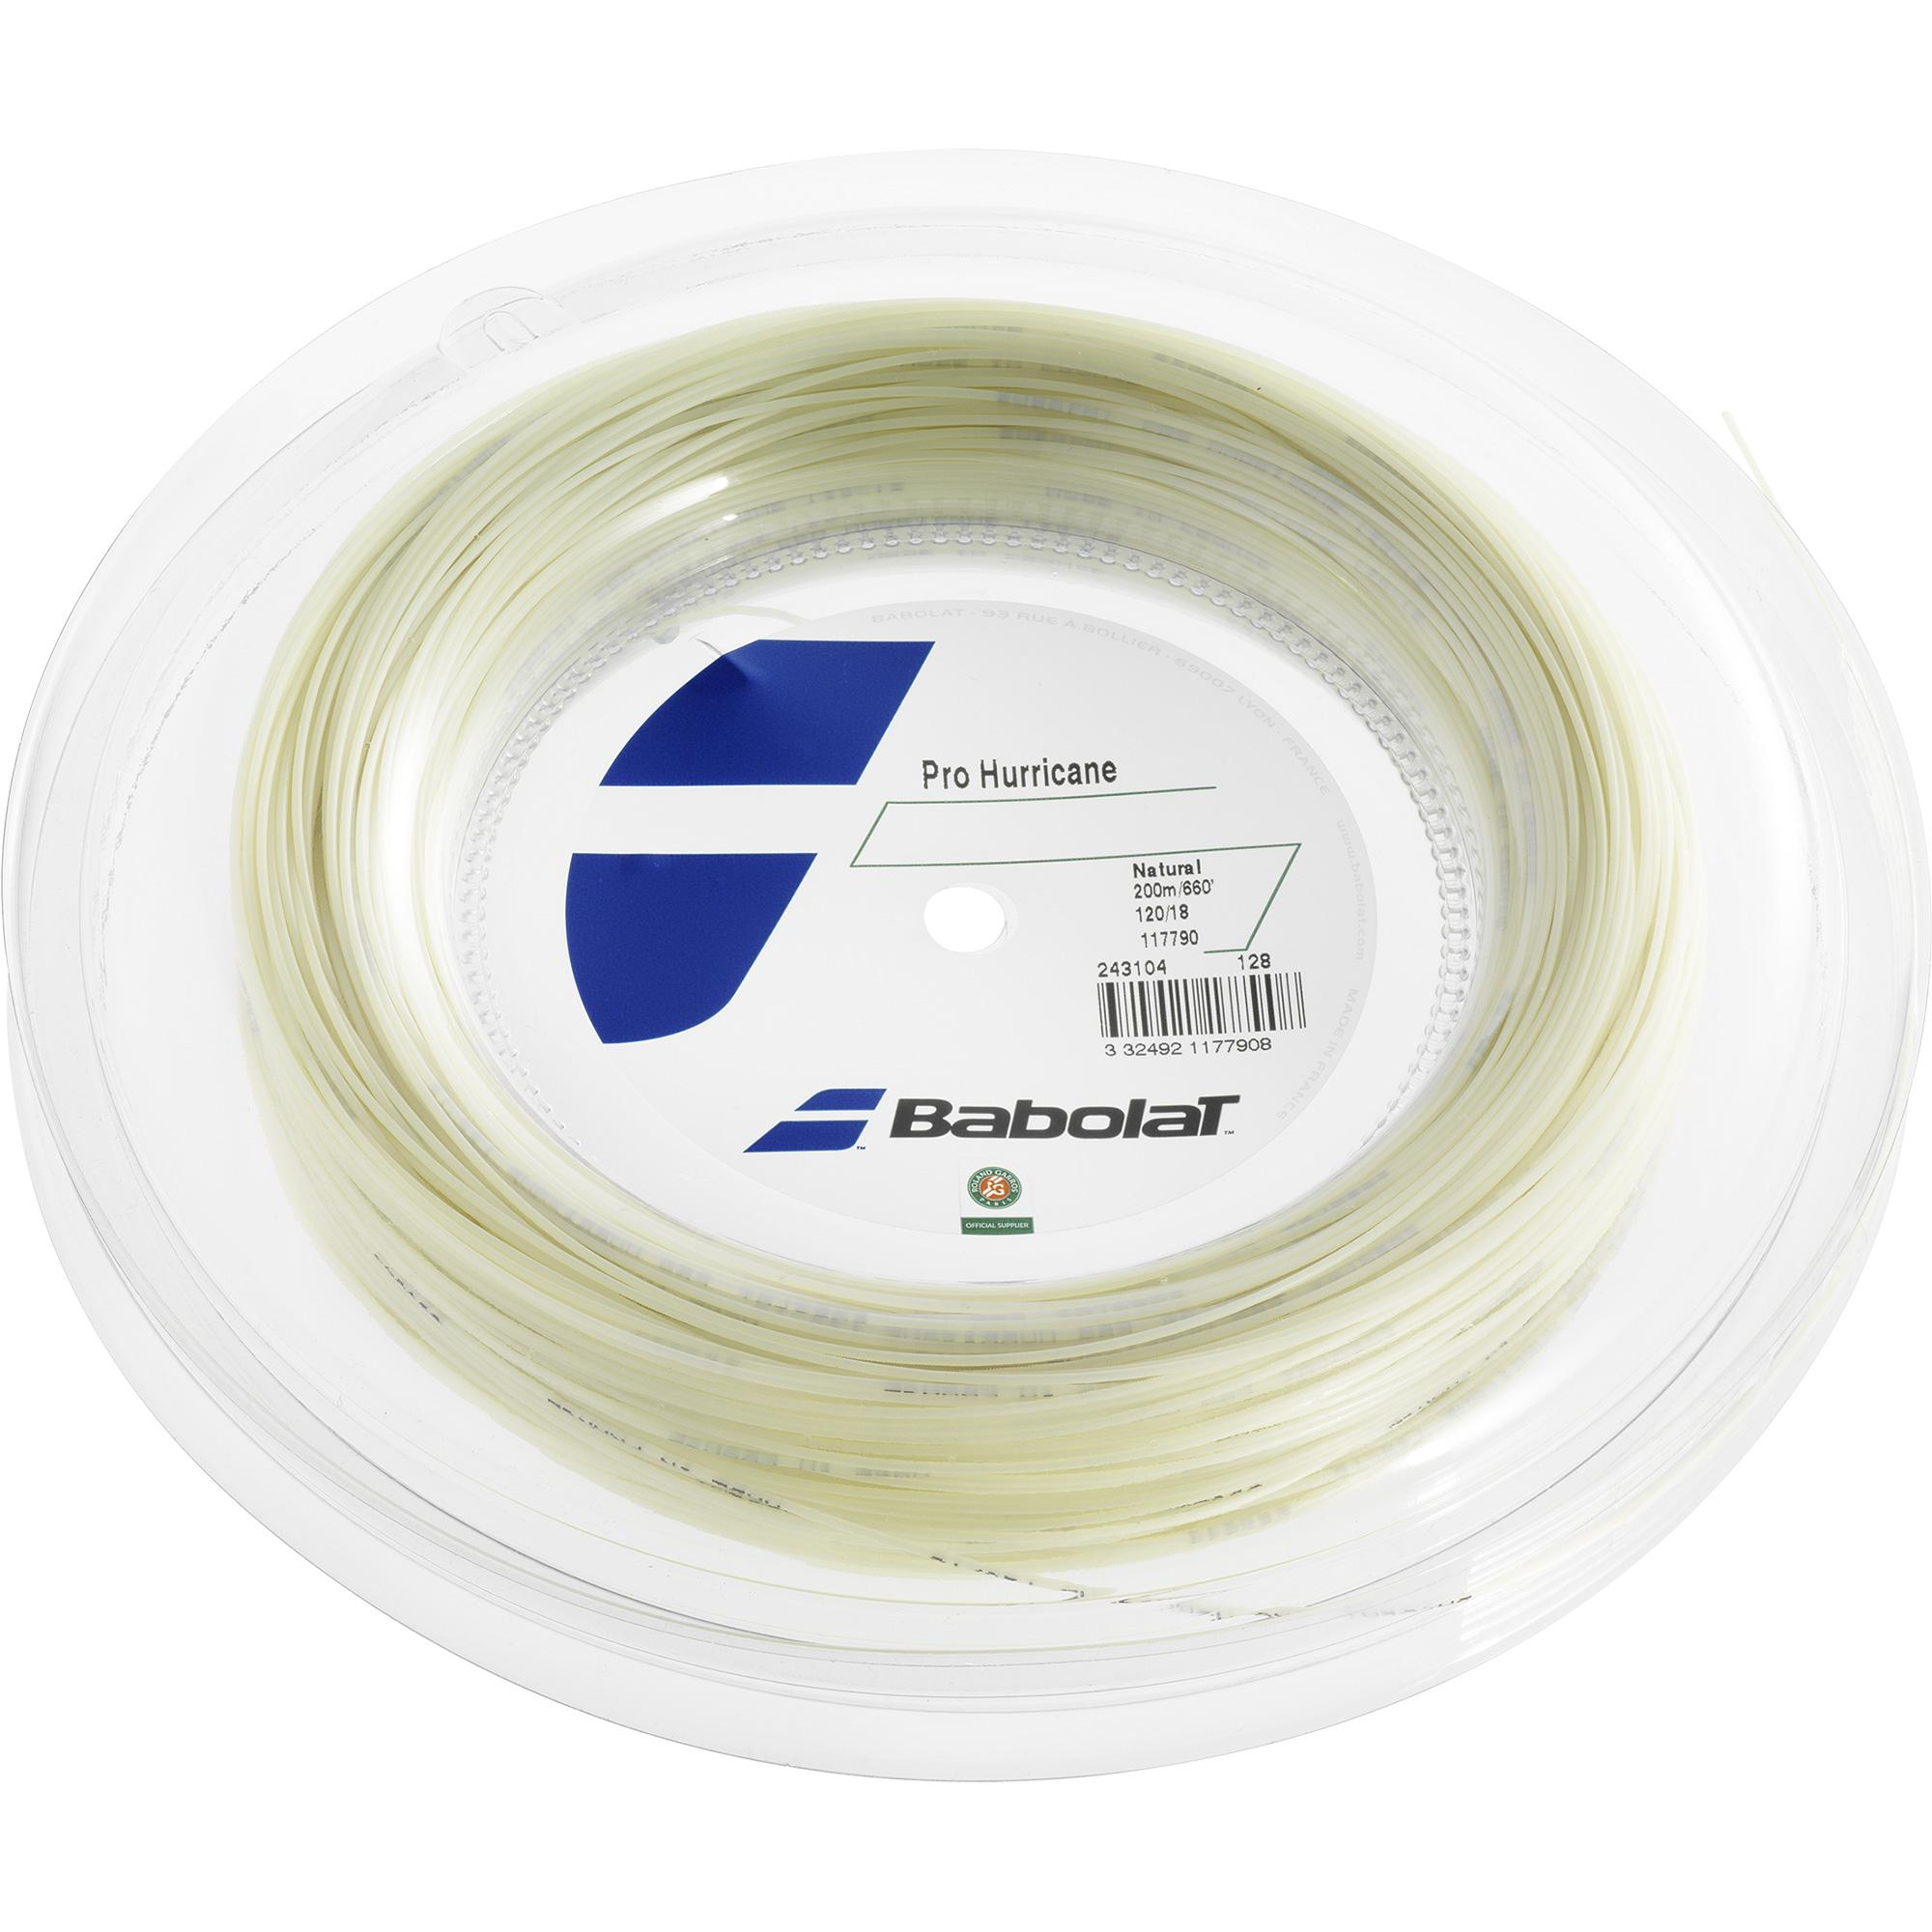 Babolat Pro Hurricane String